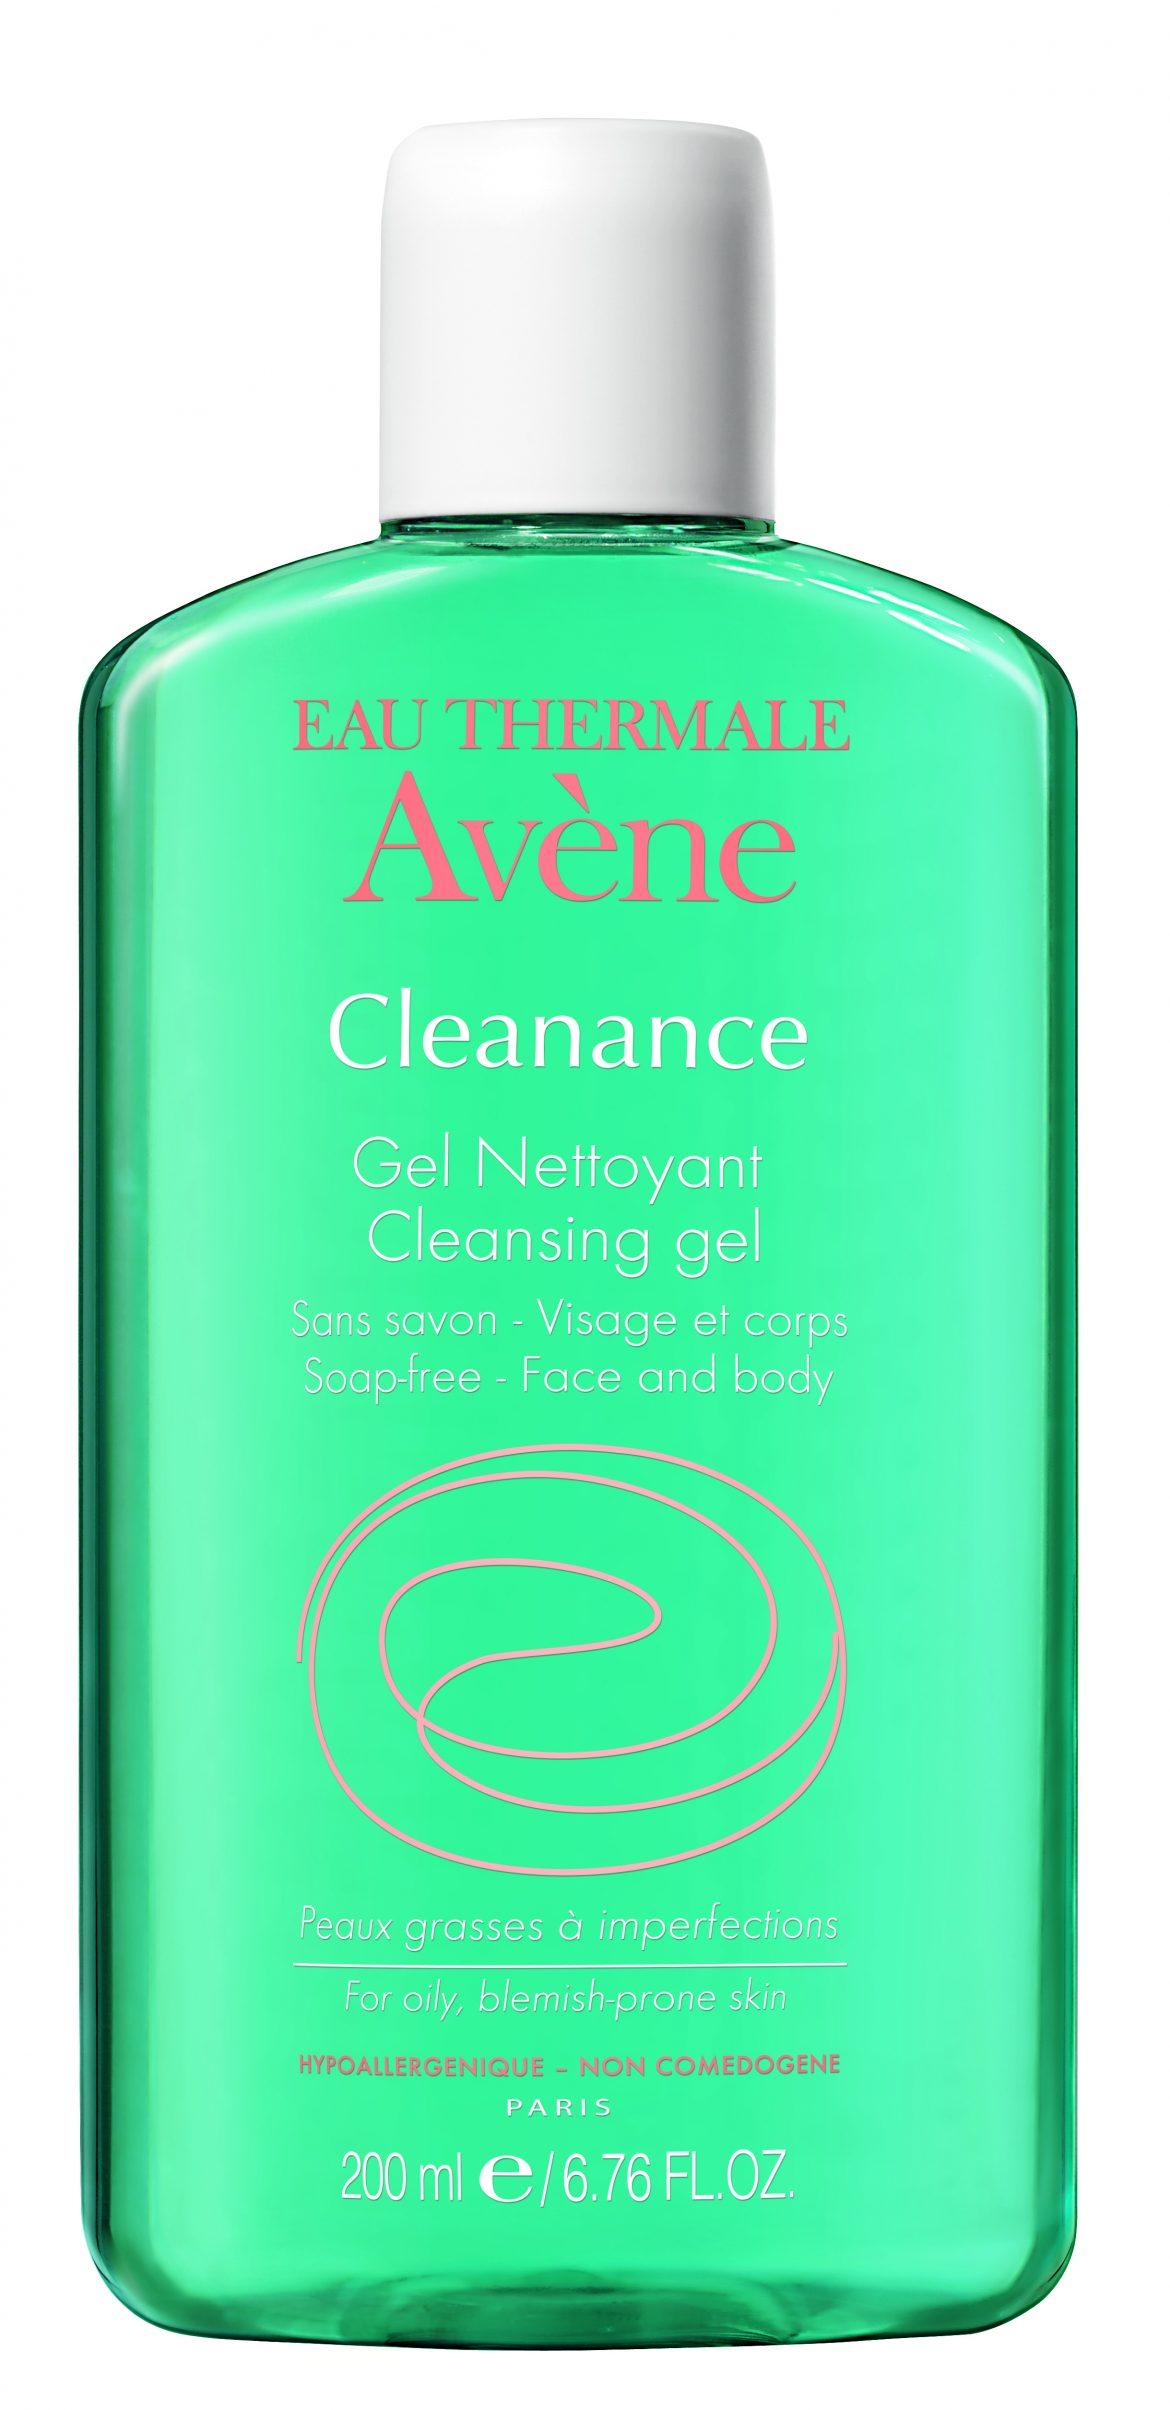 Gama Cleanance para pieles acneicas, de Avène